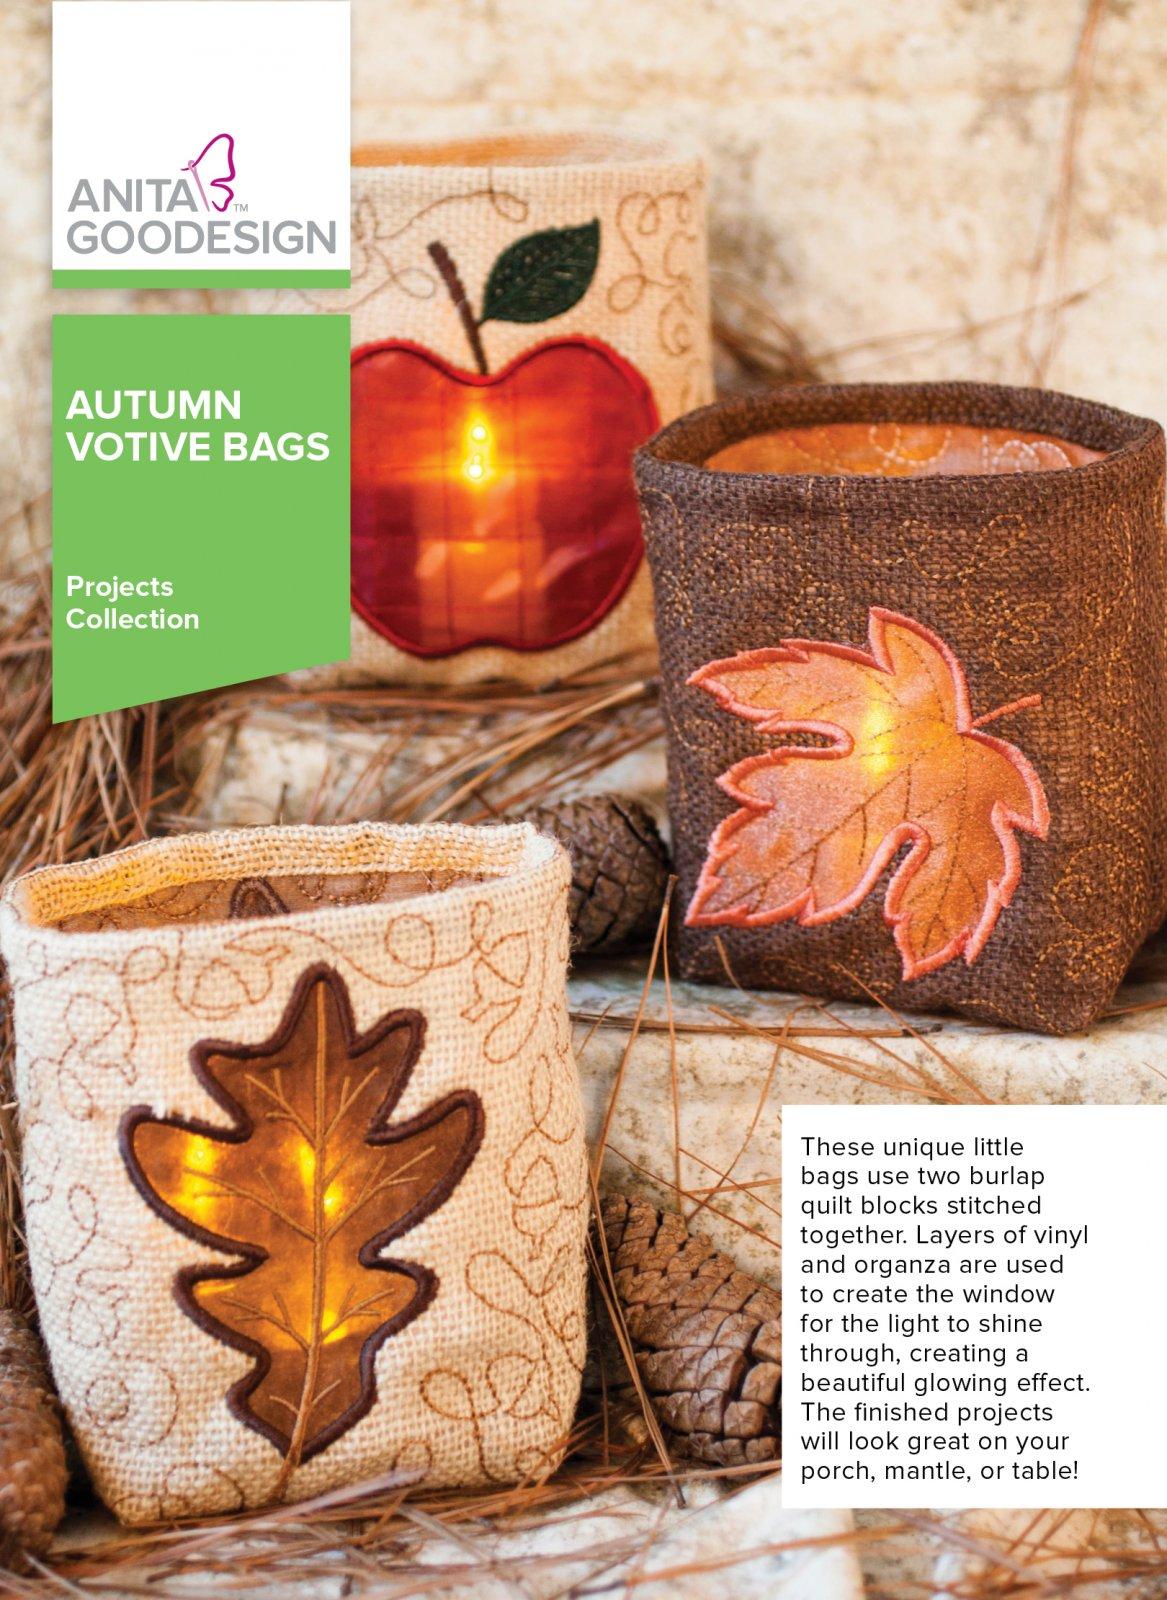 Anita Goodesign autumn votive bags